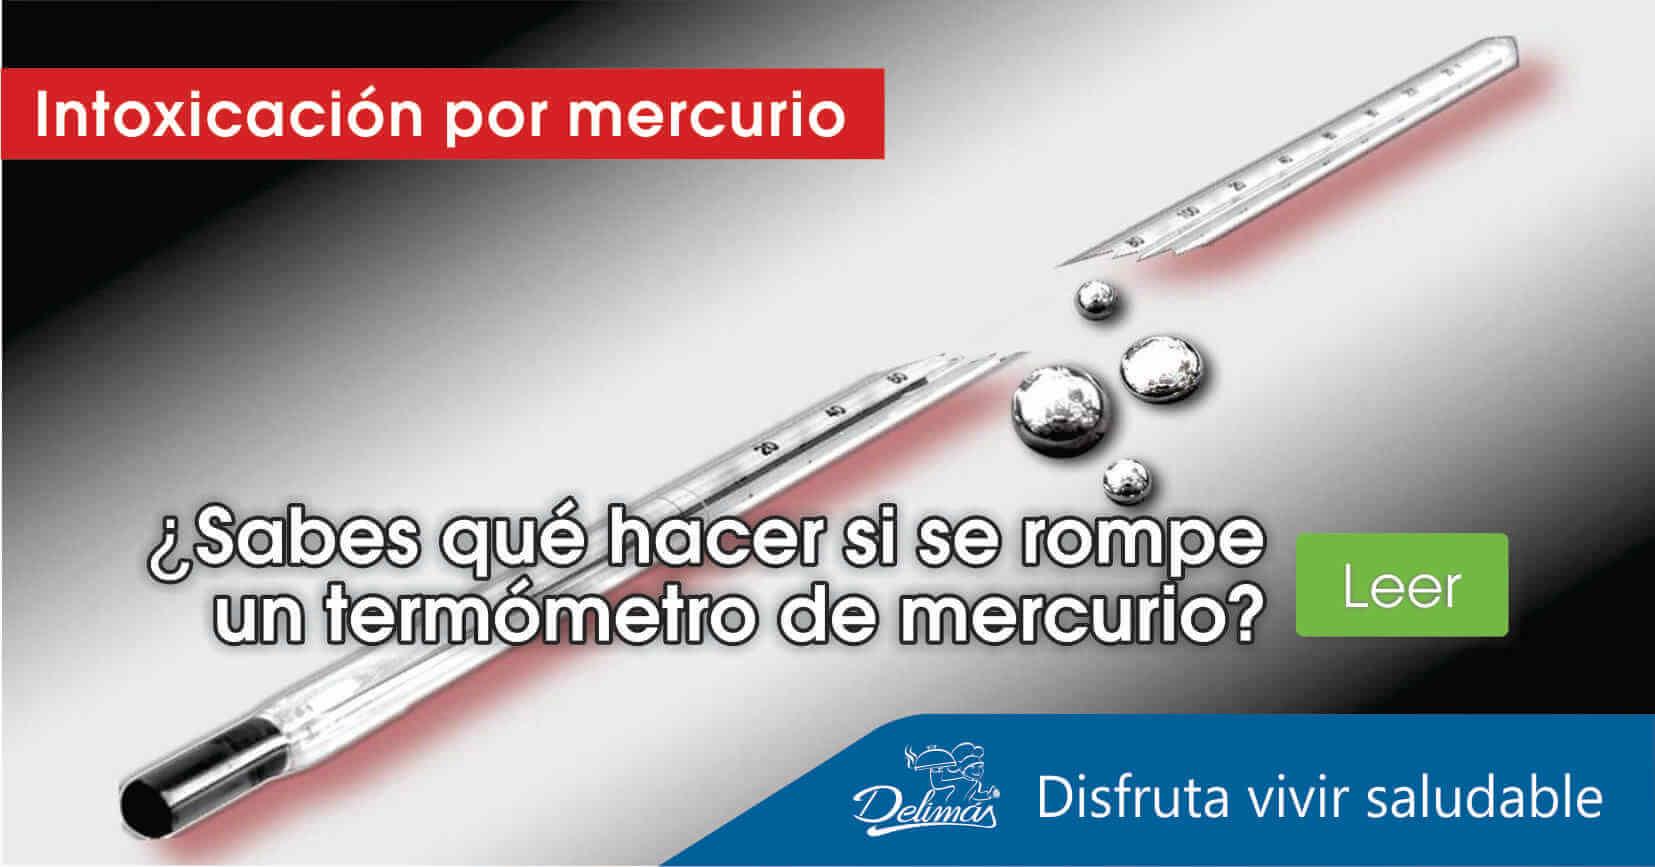 Termometro De Mercurio Como Recogerlo Ante Una Rotura Alimentacion Saludable Delimas Encontrá termometro de mercurio en mercadolibre.com.ar! termometro de mercurio como recogerlo